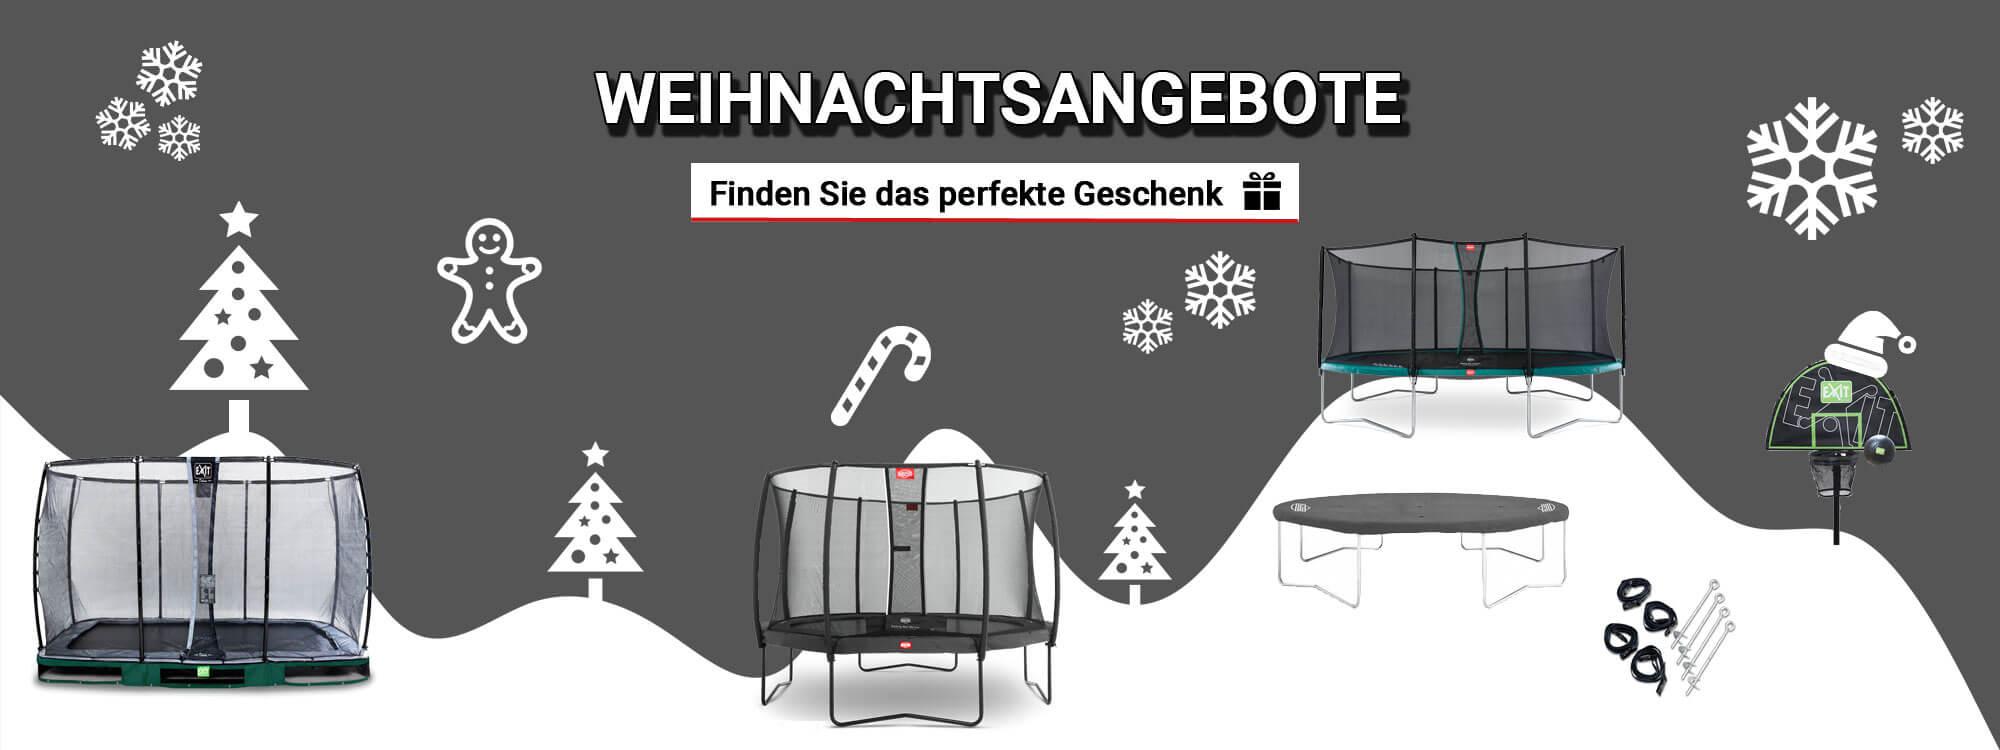 Trampoline - Weihnachtsangebote - kaufen auf trampolin-profi.de